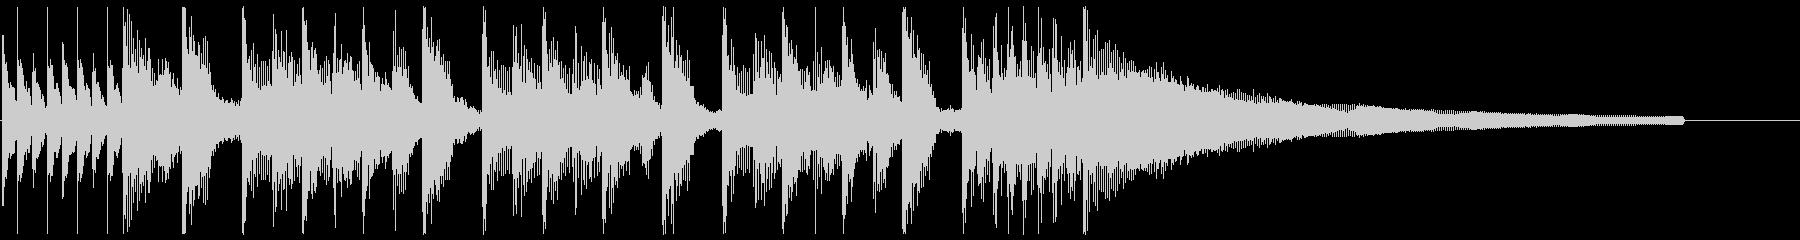 モータウン系キュート楽曲でゲスト登場sの未再生の波形